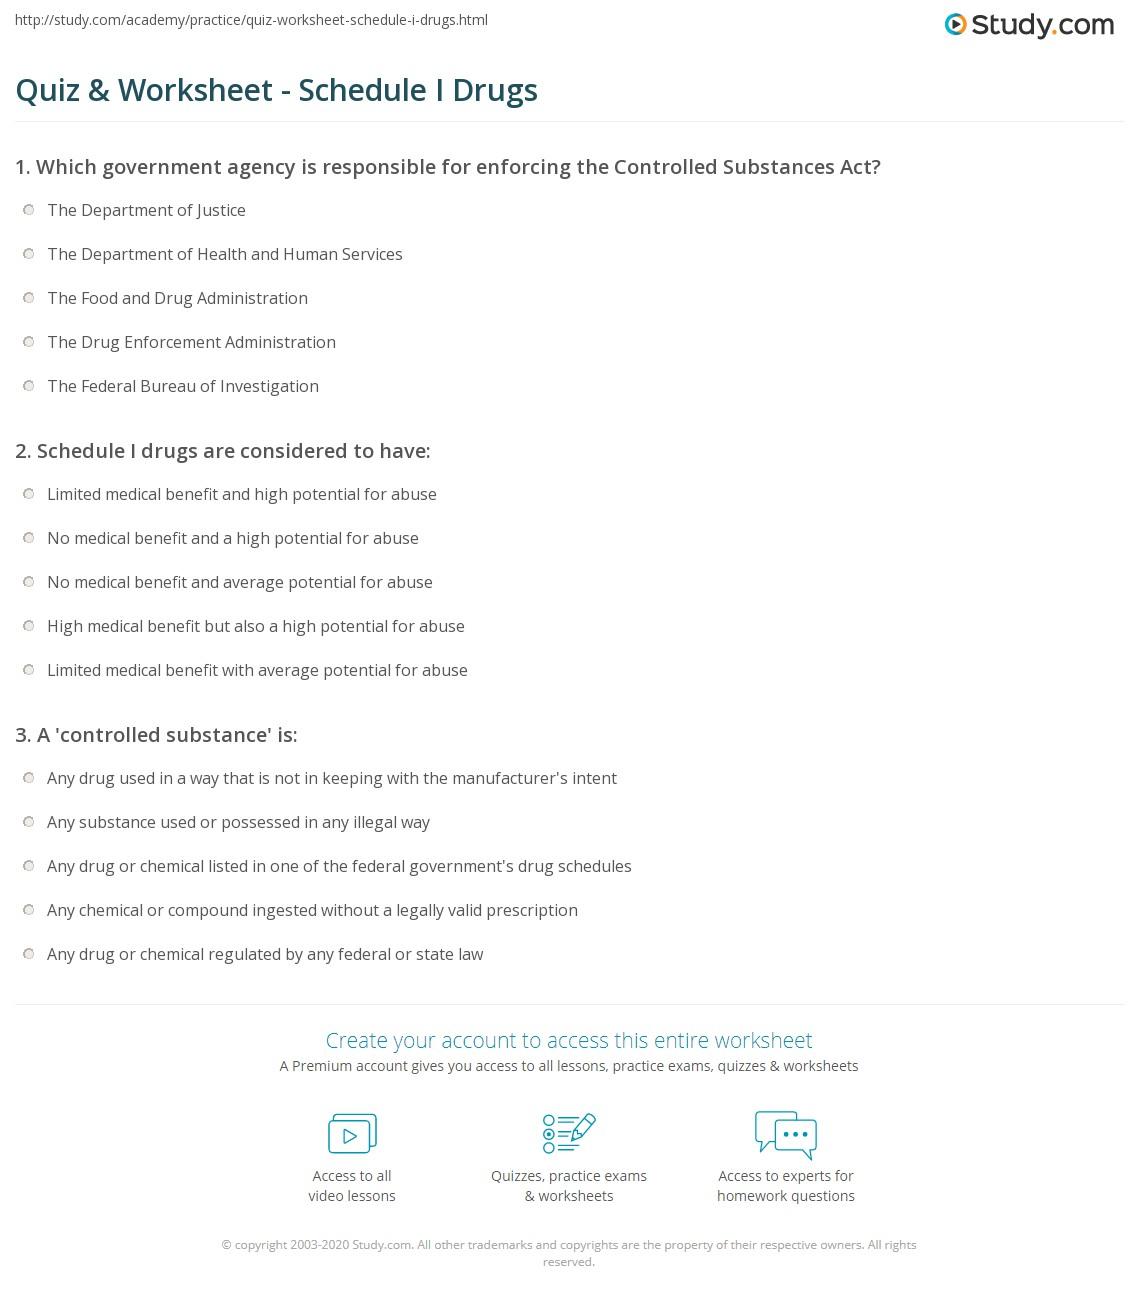 Print Schedule I Drug Classification \u0026 Drug List Worksheet